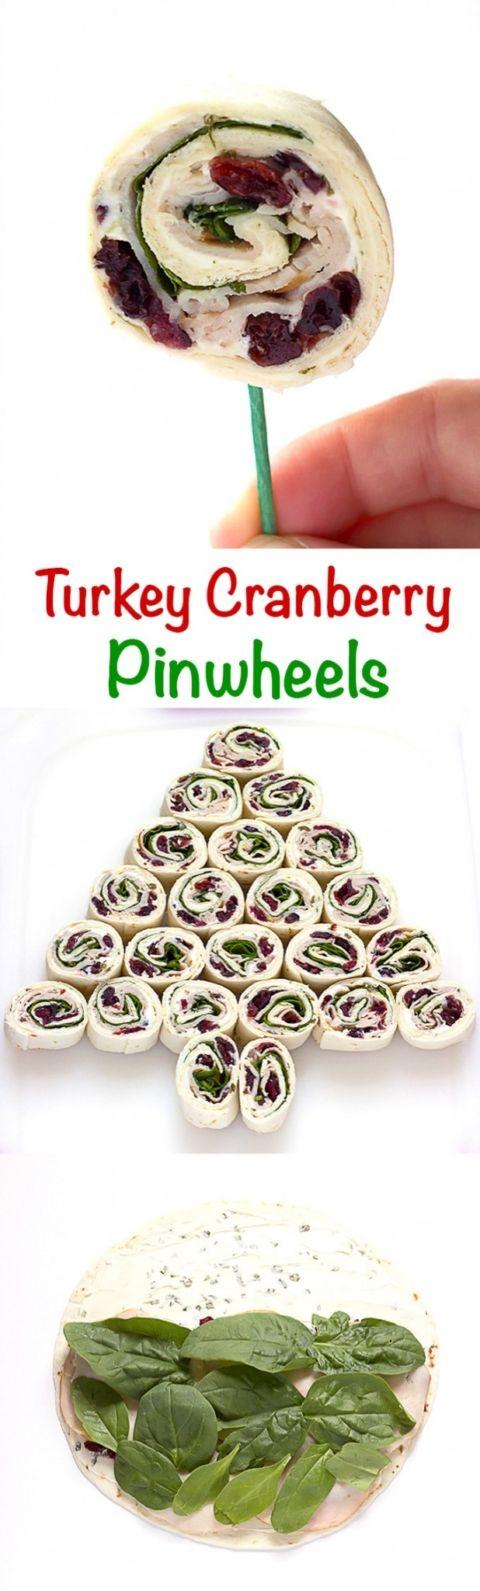 Turkey Cranberry Pinwheels